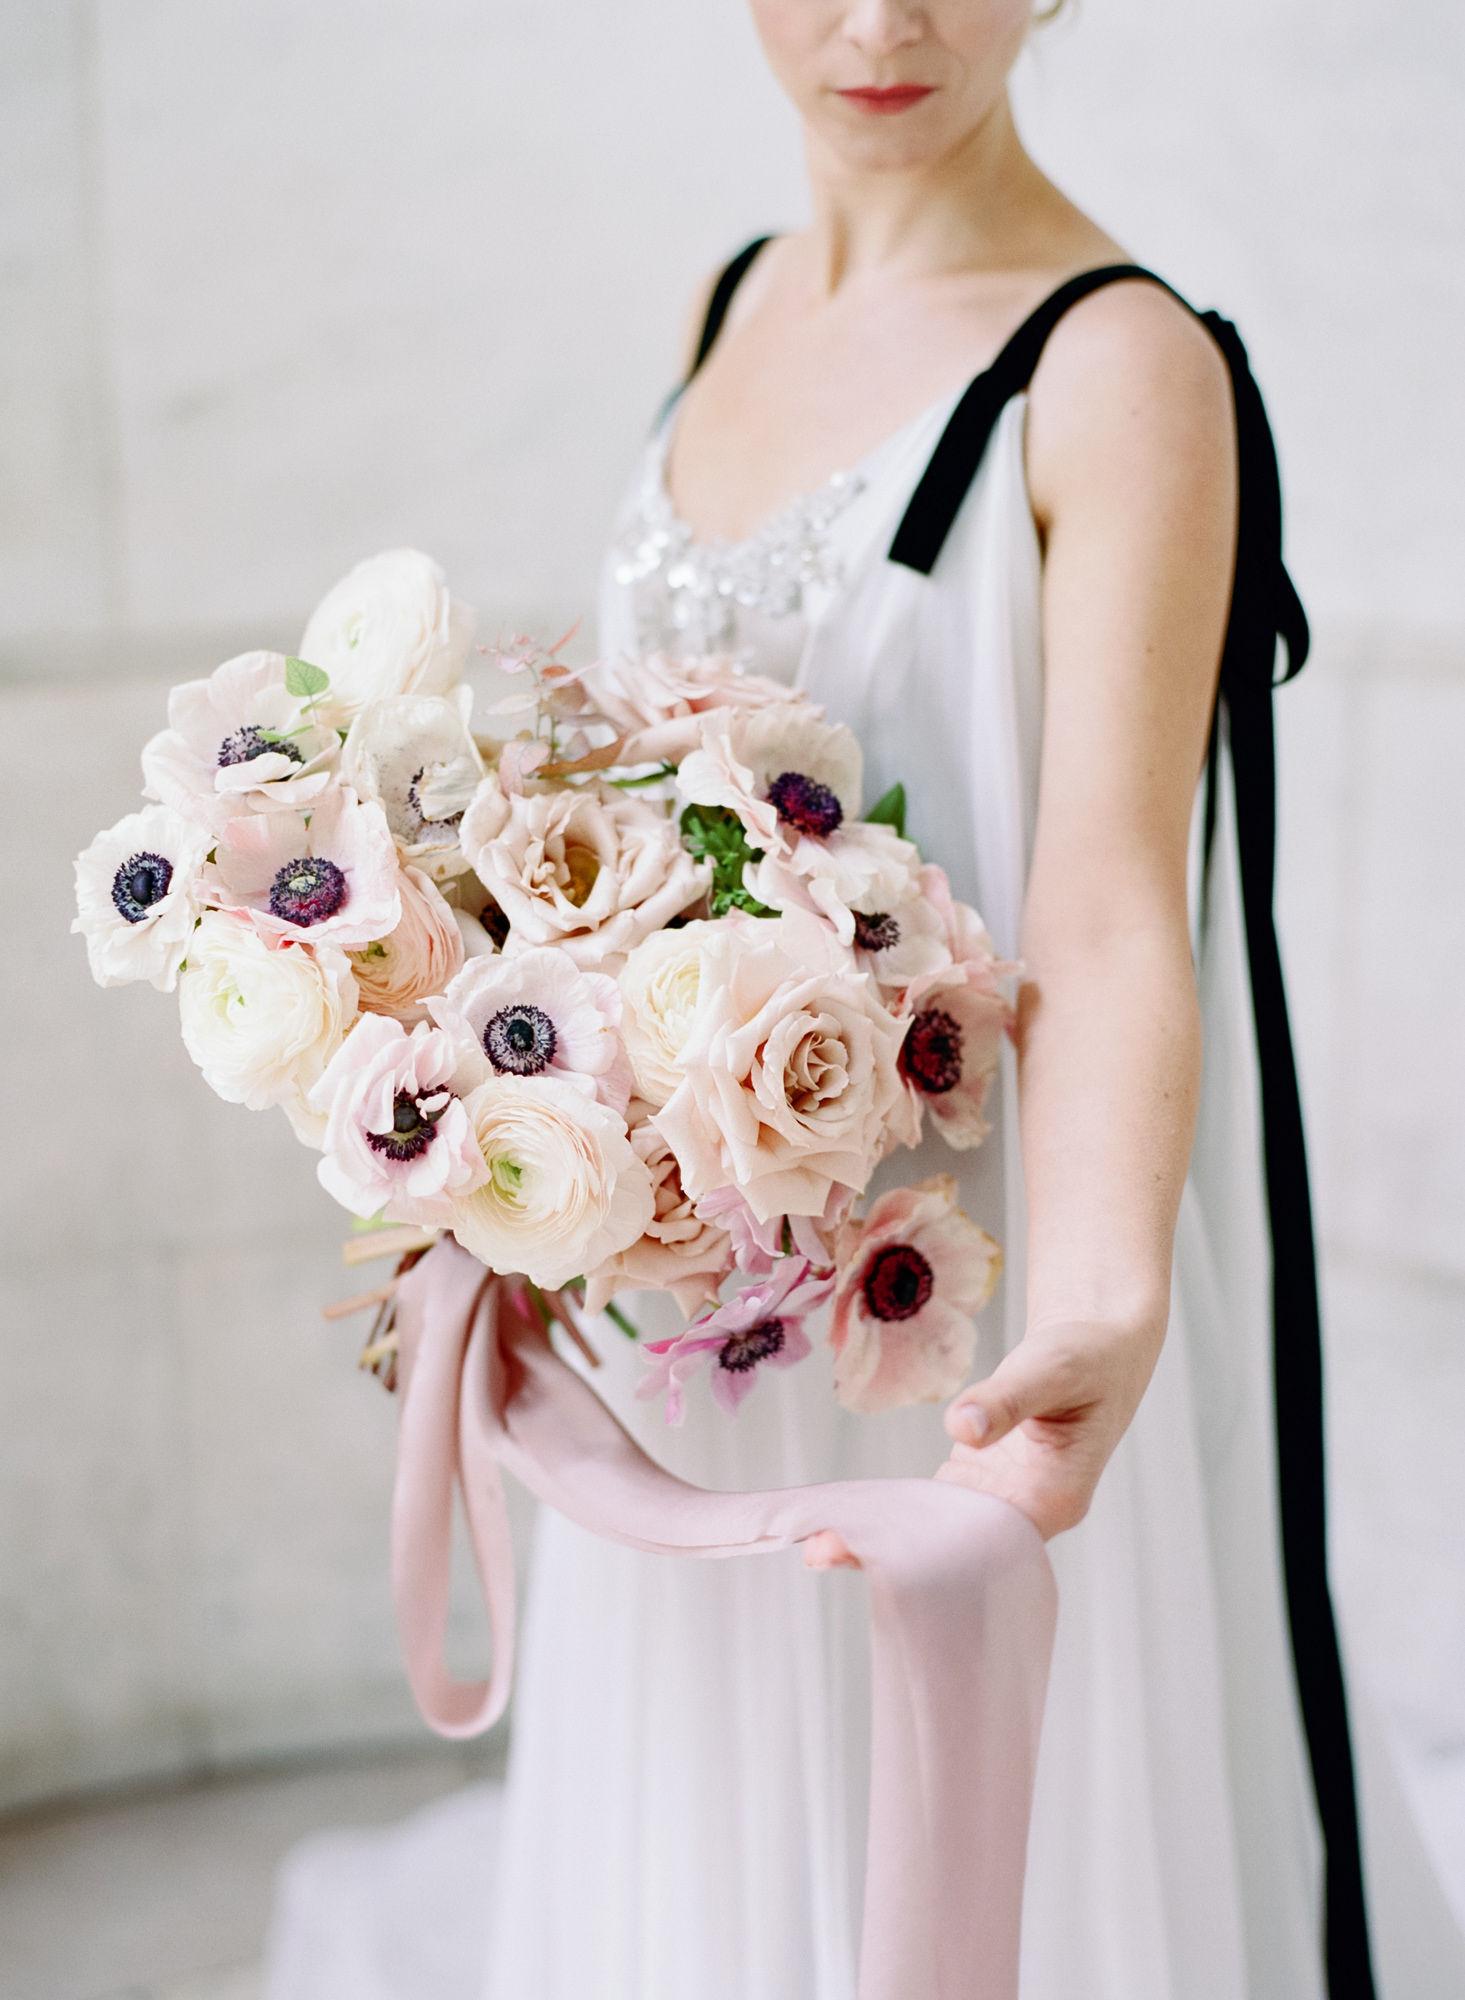 Soft flowy wedding gown black details4.JPG